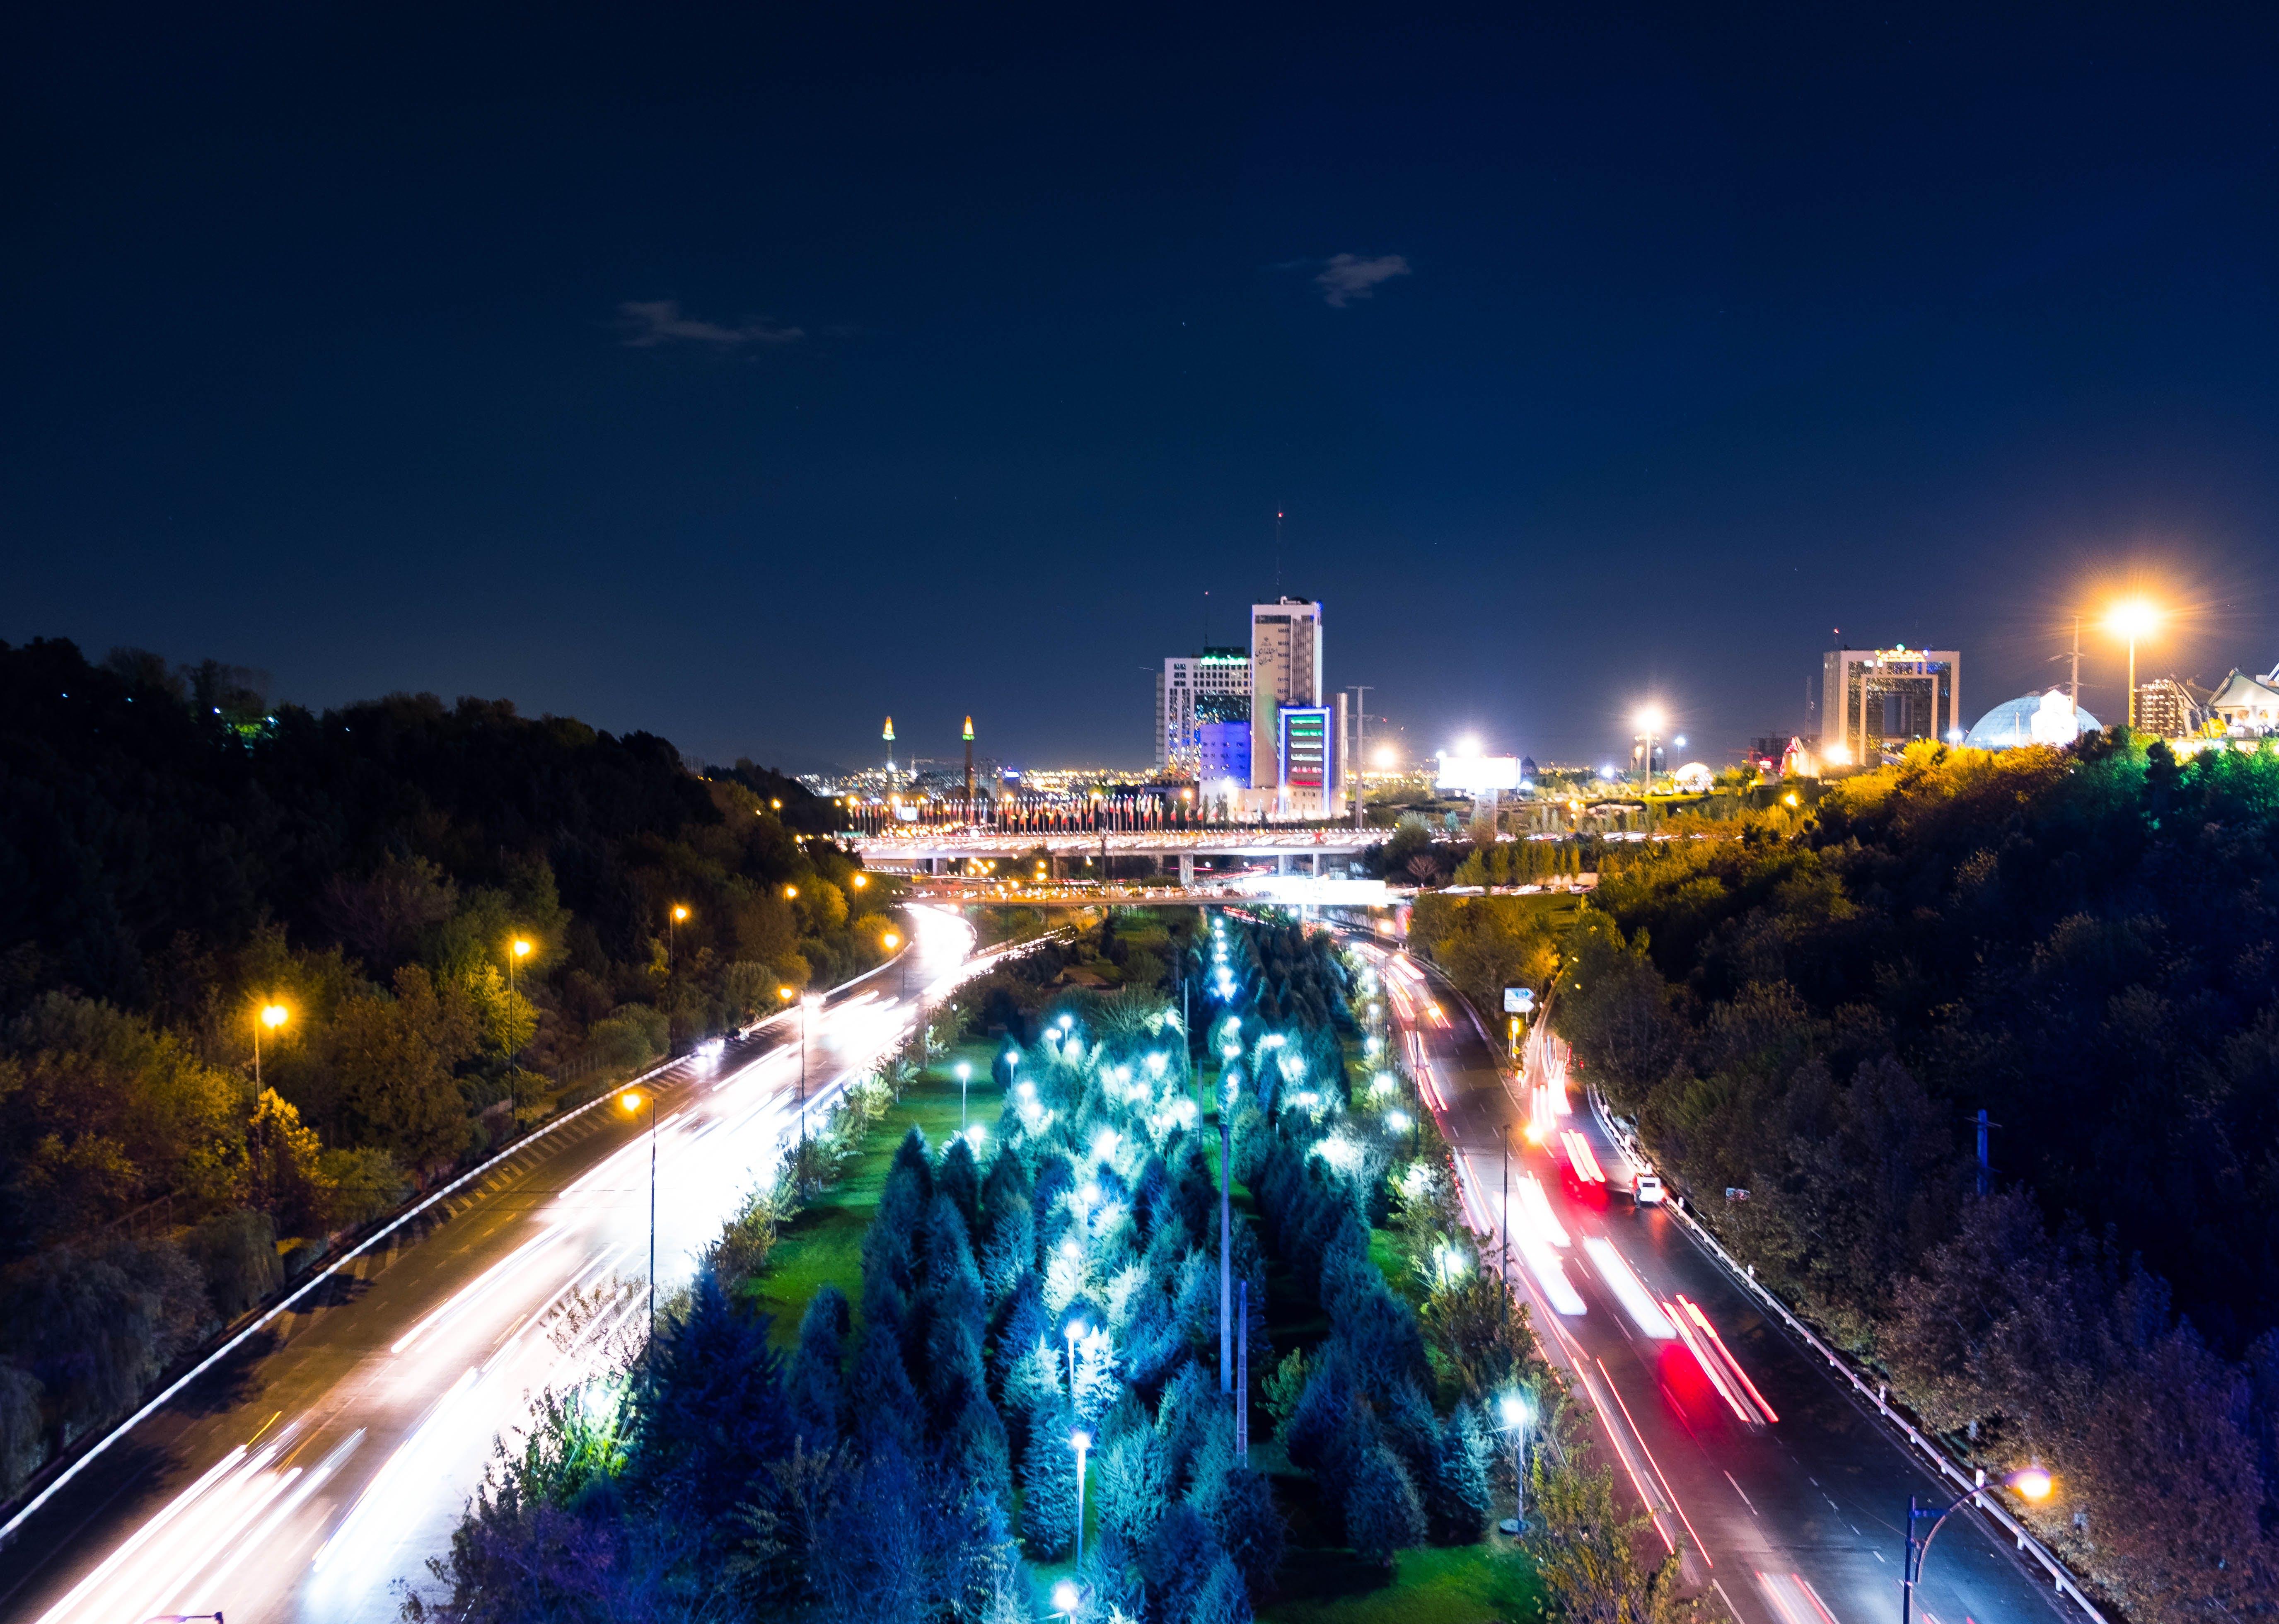 Δωρεάν στοκ φωτογραφιών με απόγευμα, αστικός, αυτοκινητόδρομος, δρόμος